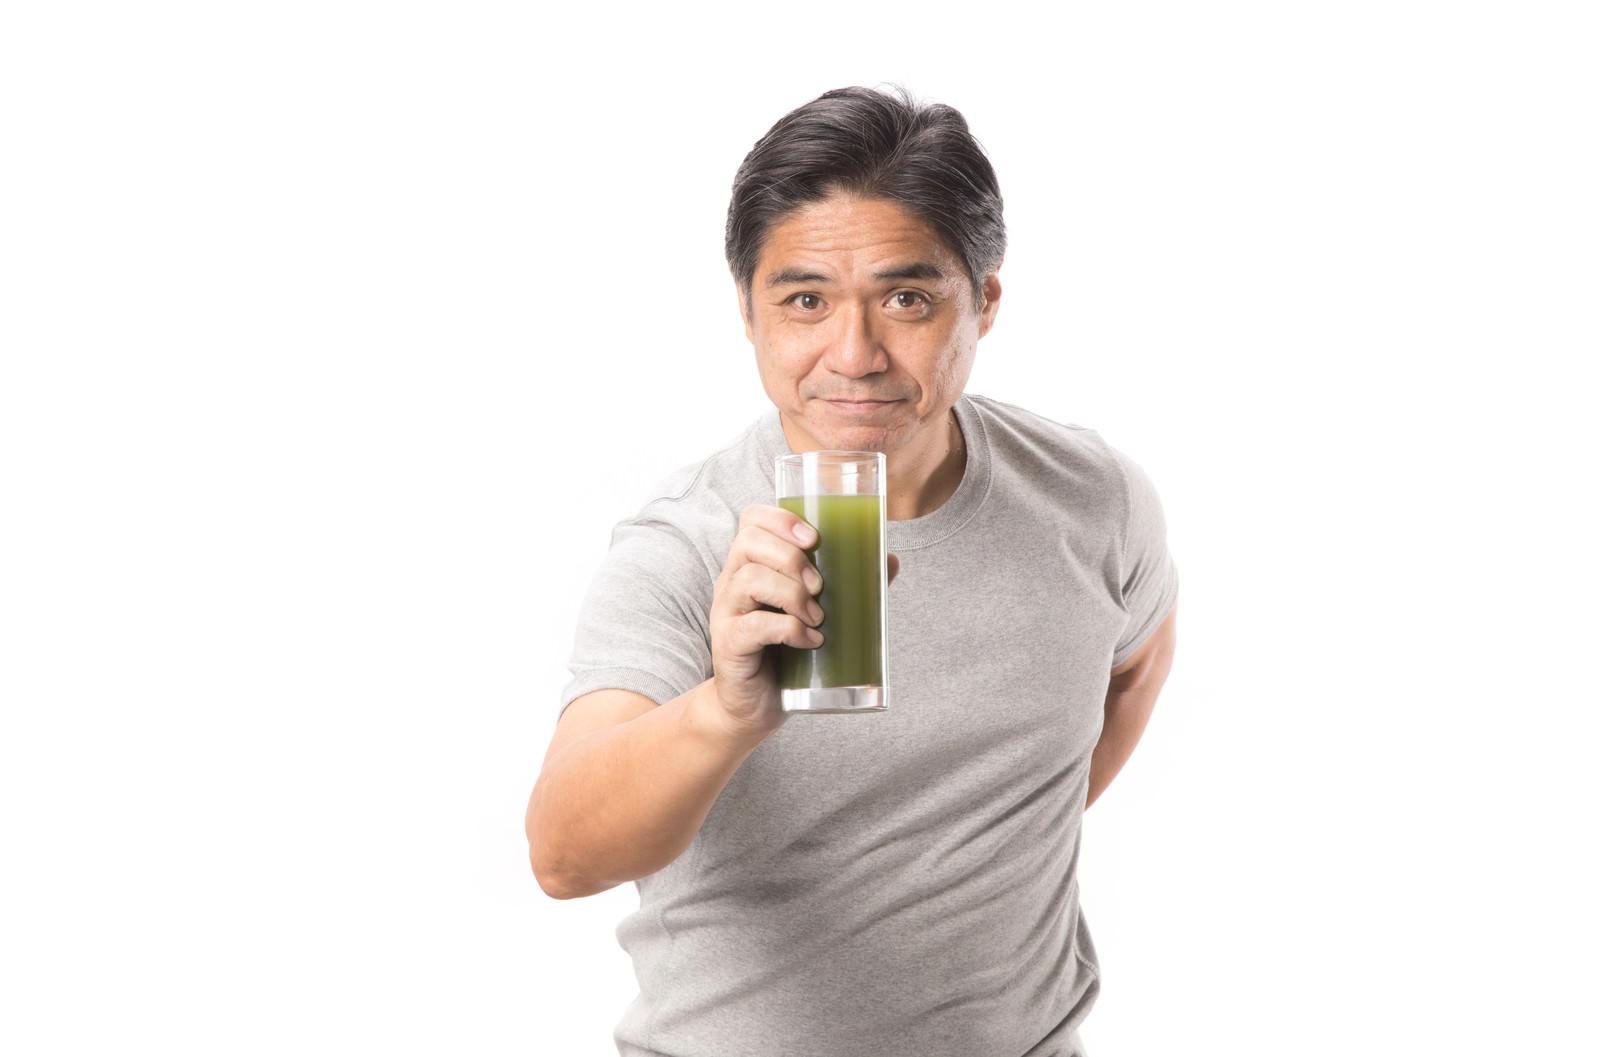 「青汁のおかわりはいかがですか?青汁のおかわりはいかがですか?」[モデル:よたか]のフリー写真素材を拡大